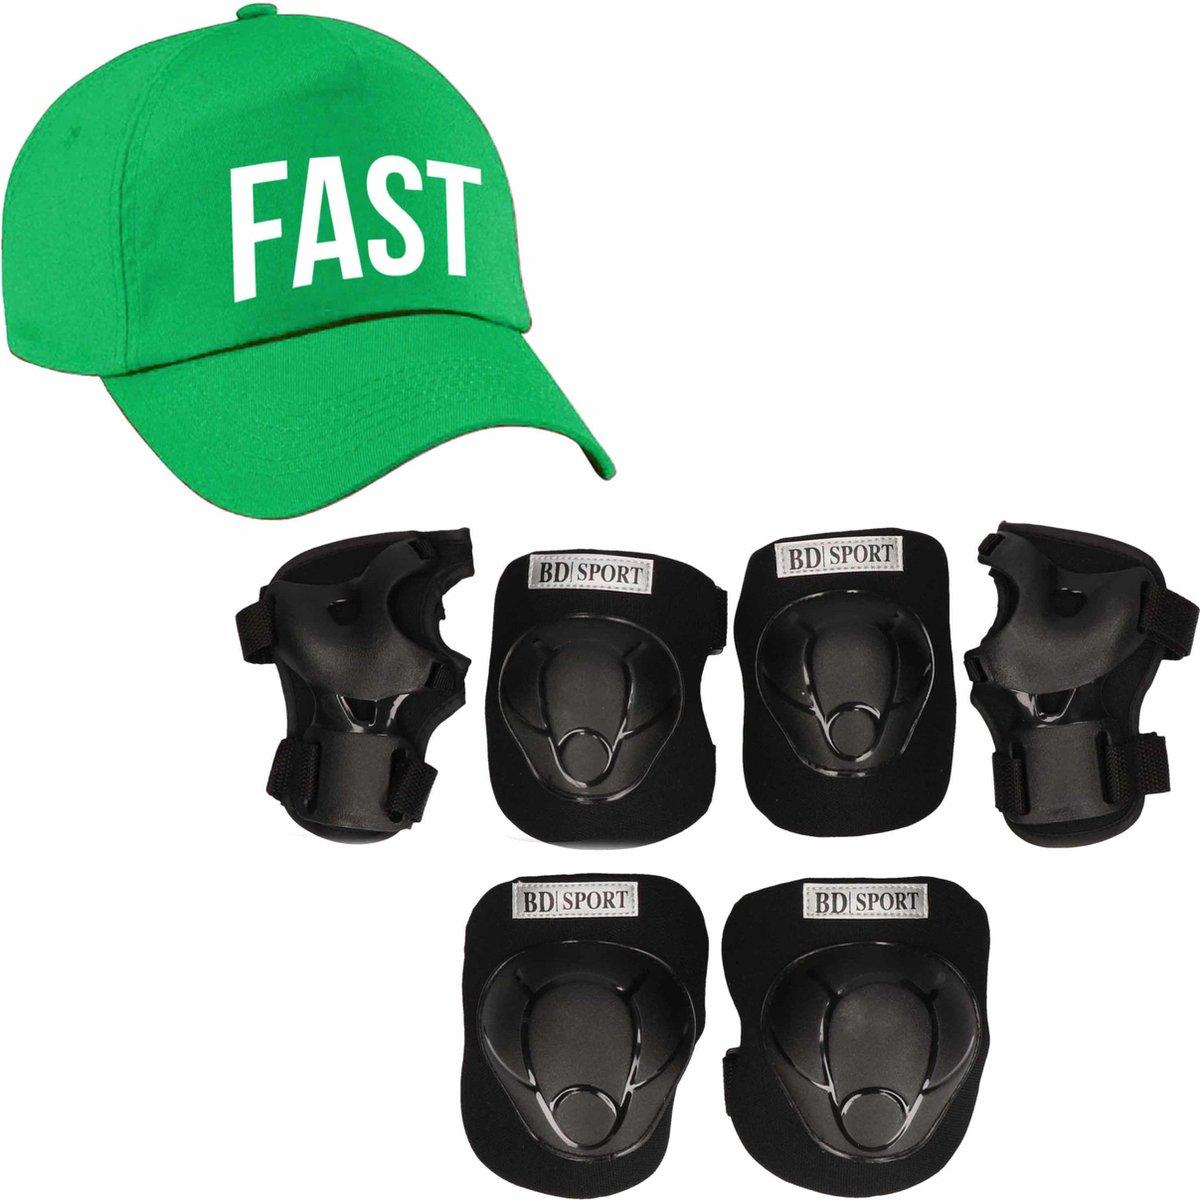 Set van valbescherming voor kinderen maat L / 9 tot 10 jaar met een stoere FAST pet groen